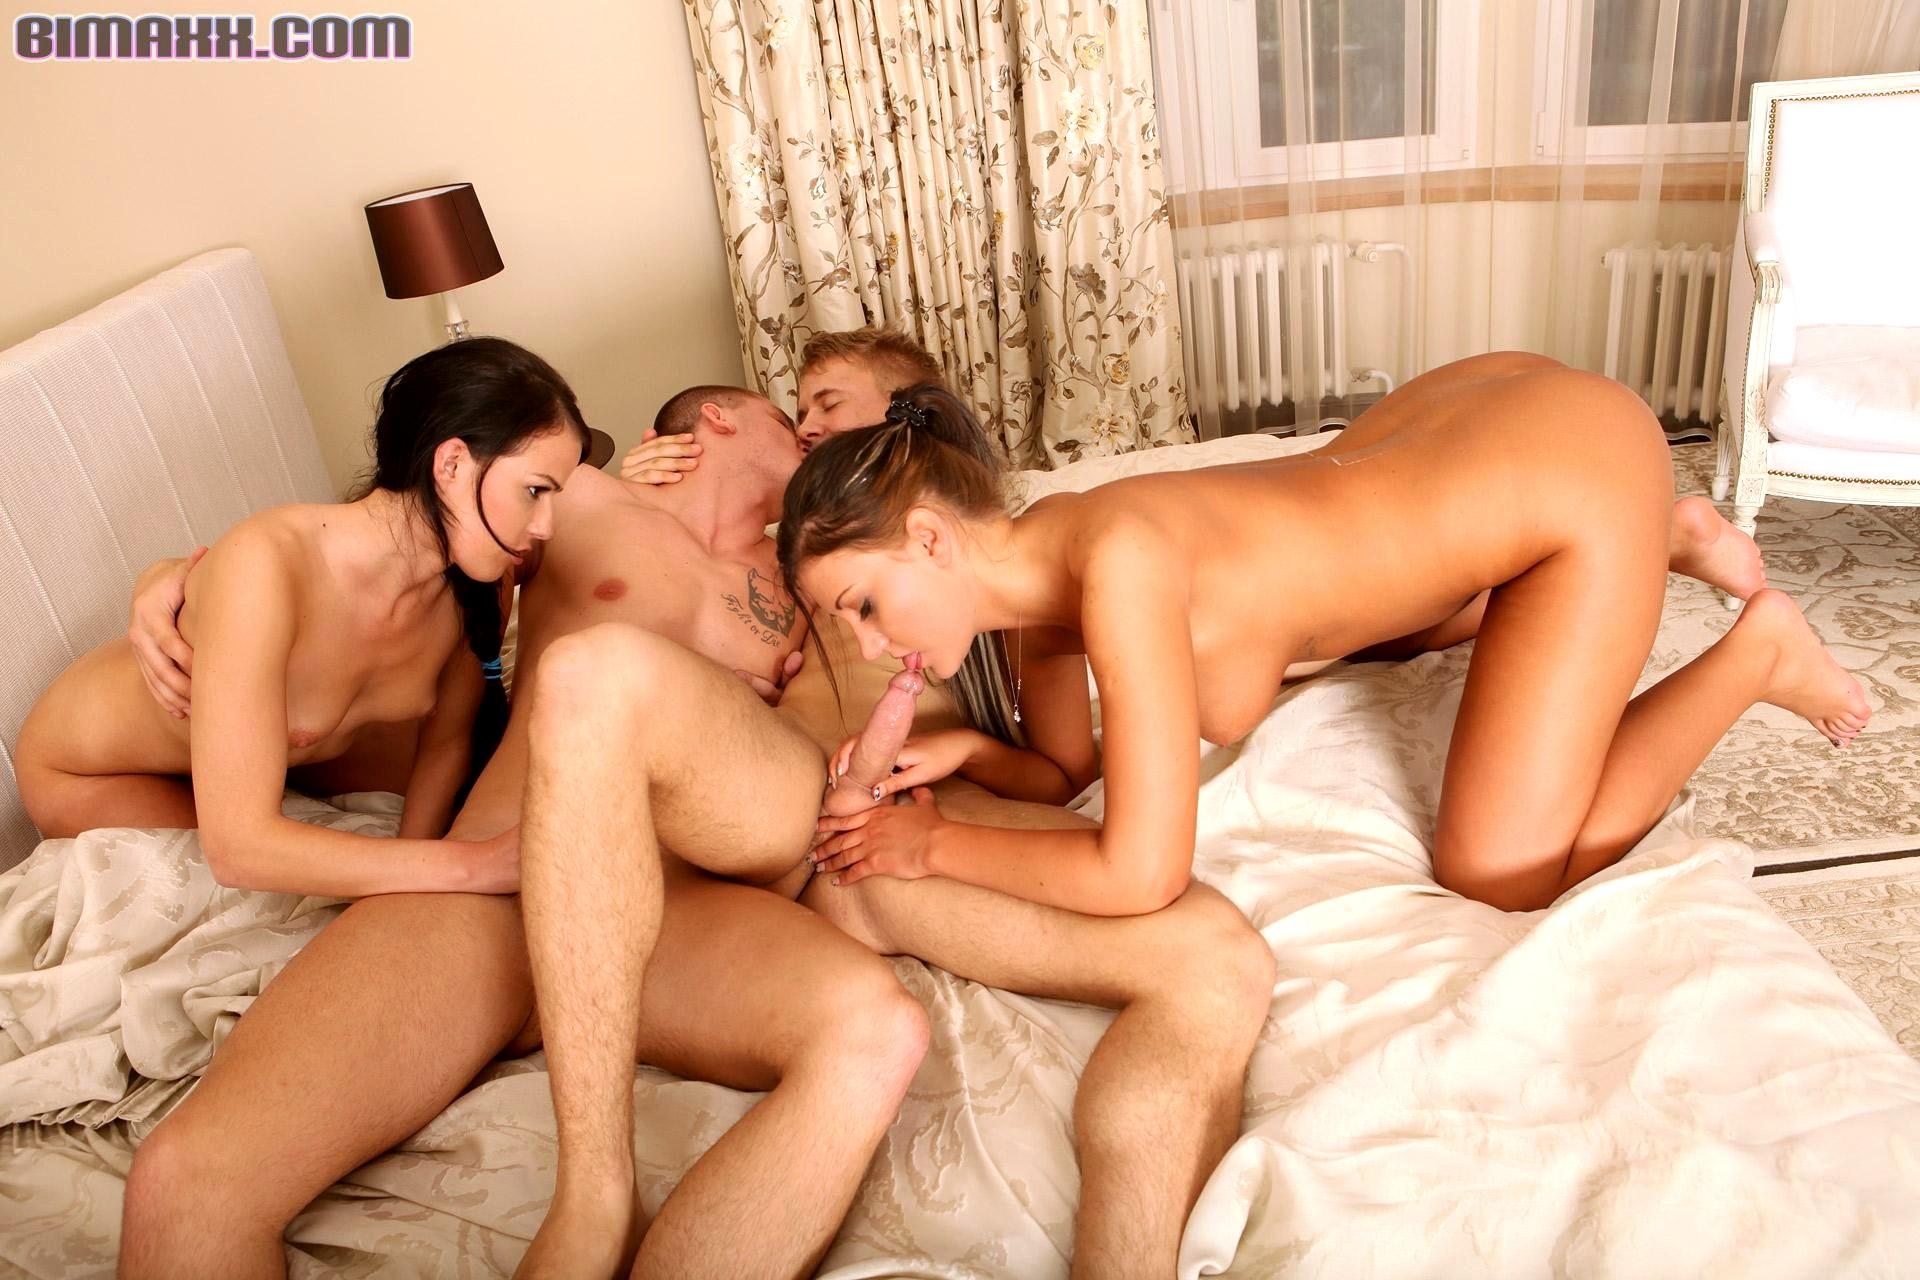 imeyushiy-tele-seks-porno-video-lesbiyanki-v-chetverom-pizda-litsa-telku